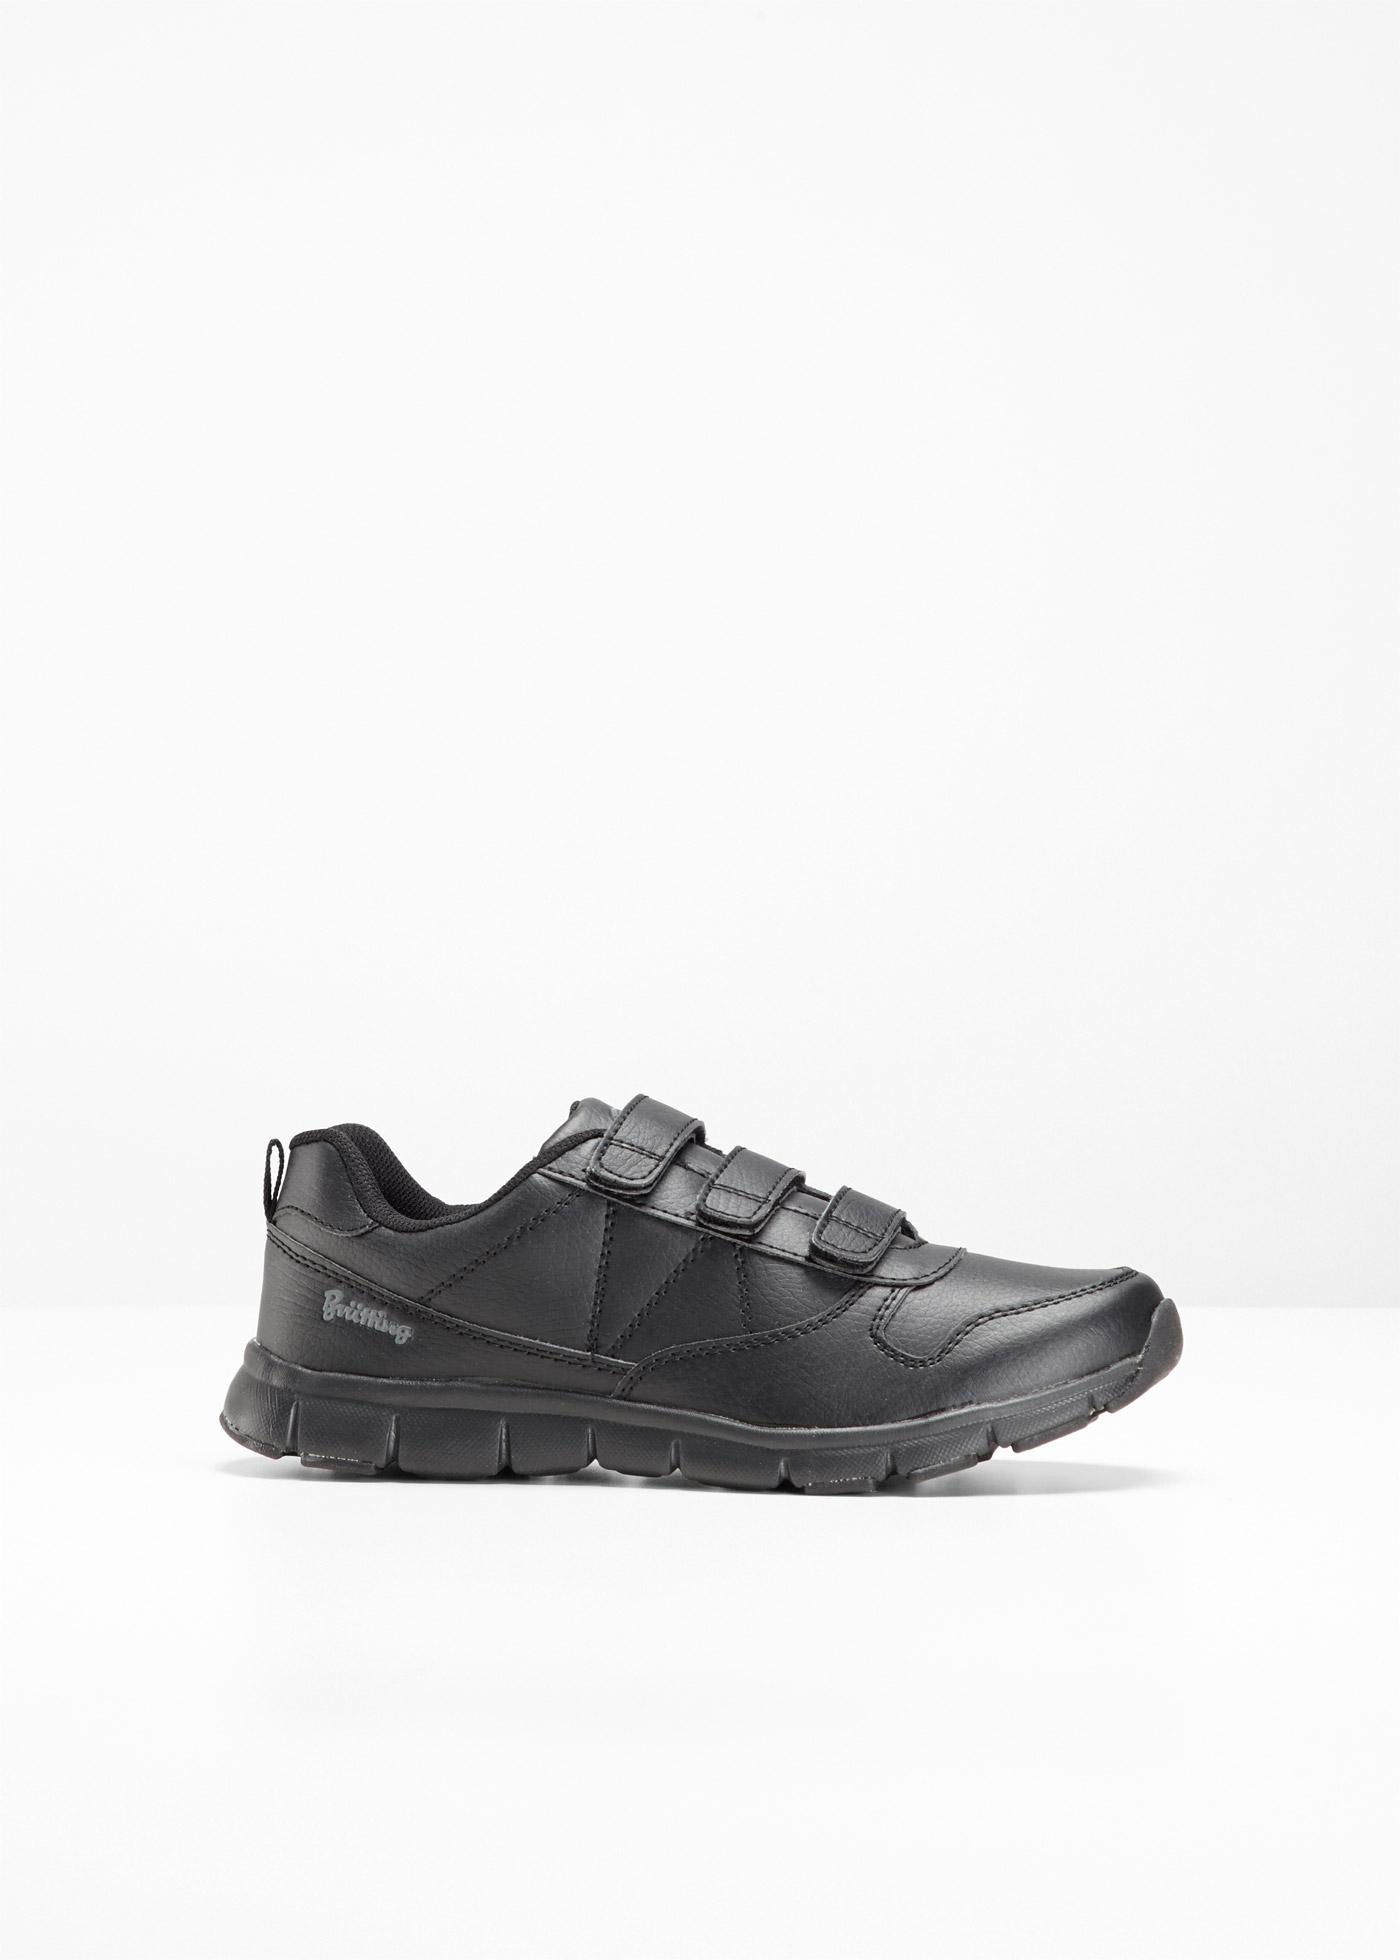 Sneaker von Brütting in grau für Herren von bonprix